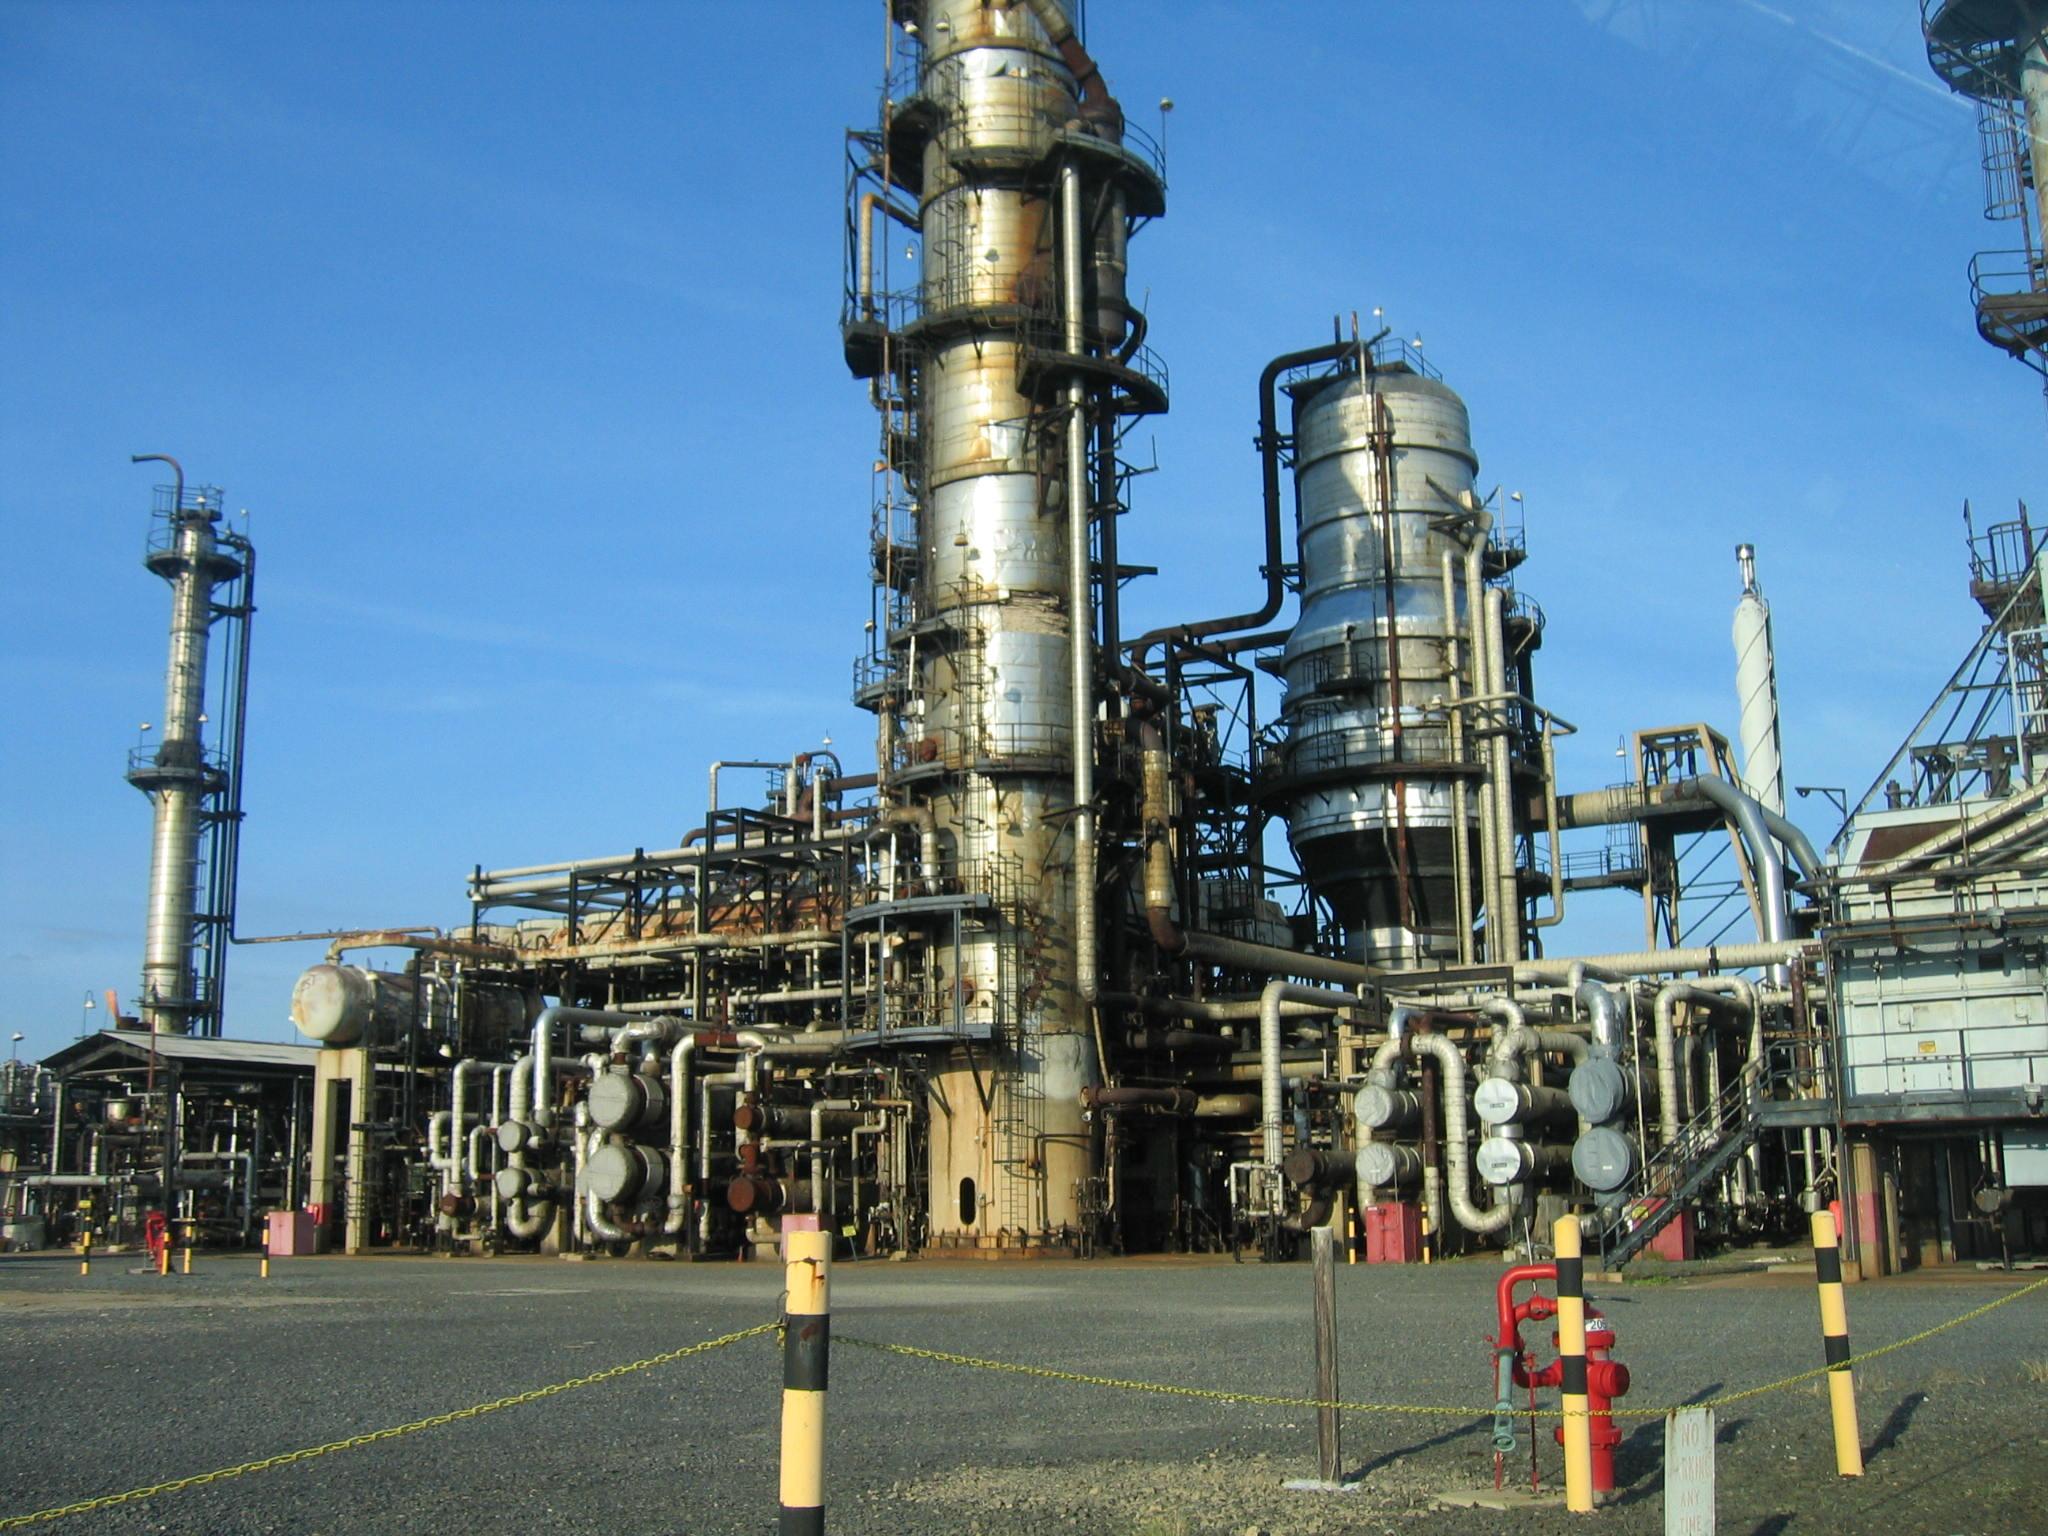 File:5 Crude Unit - panoramio.jpg - Wikimedia Commons